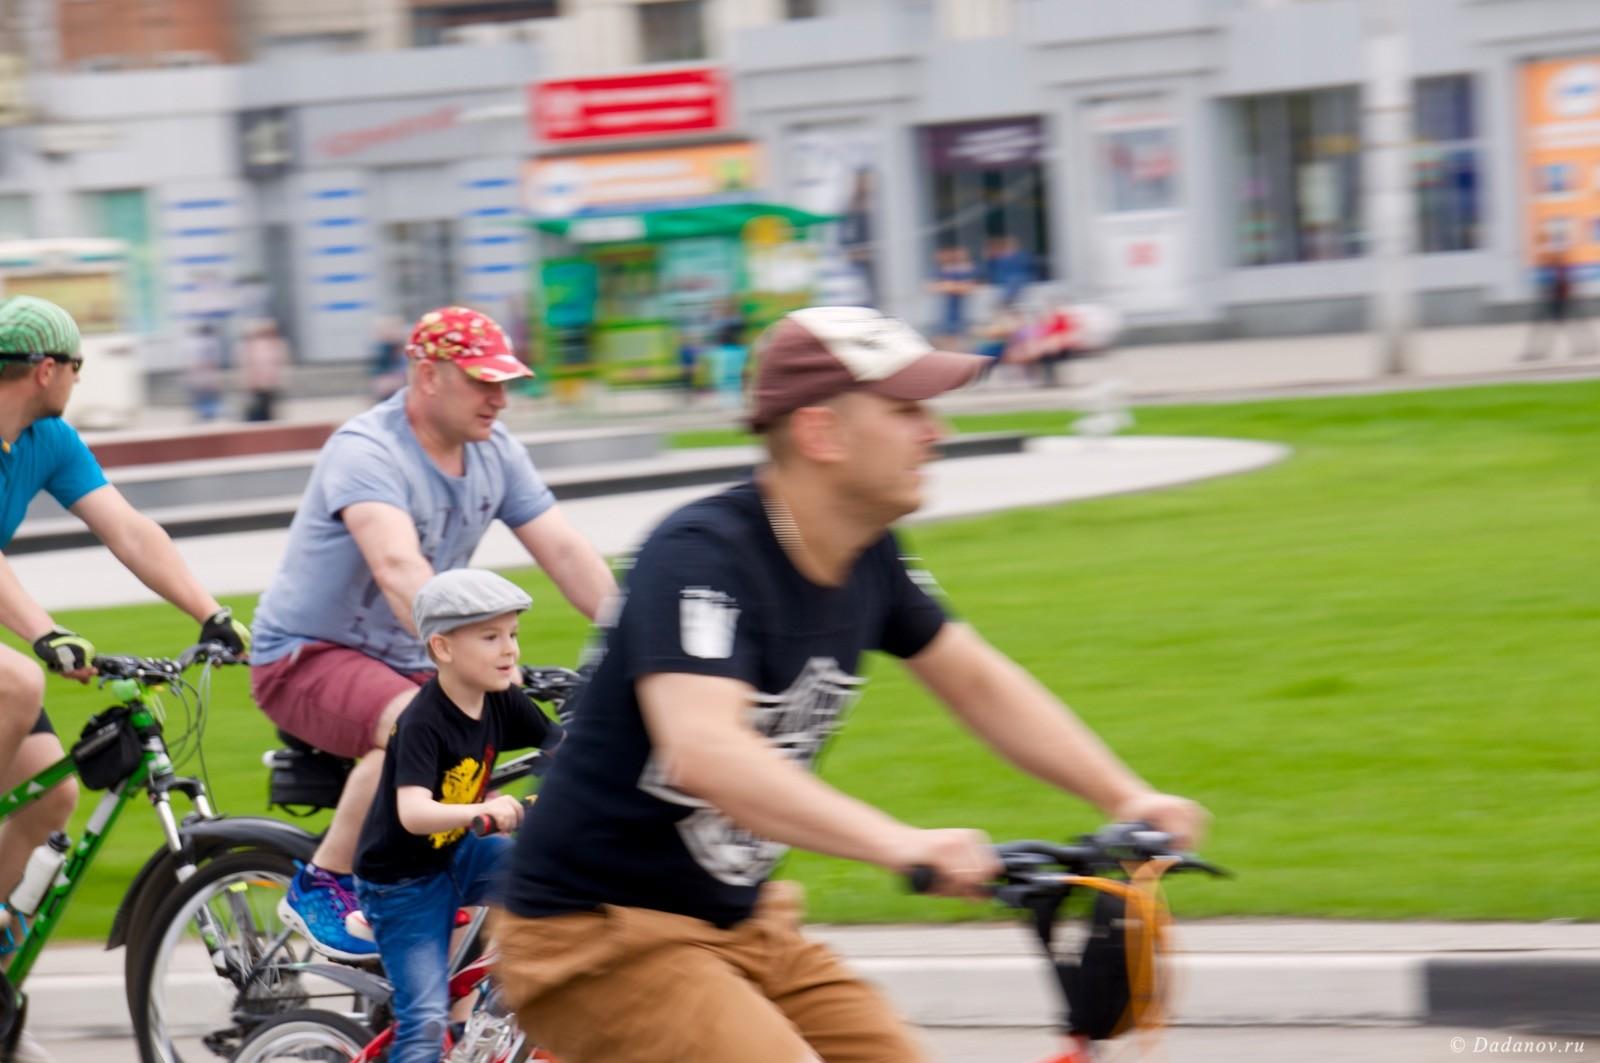 Велодень 2016 в Липецке состоялся. Фотографии с мероприятия 3017